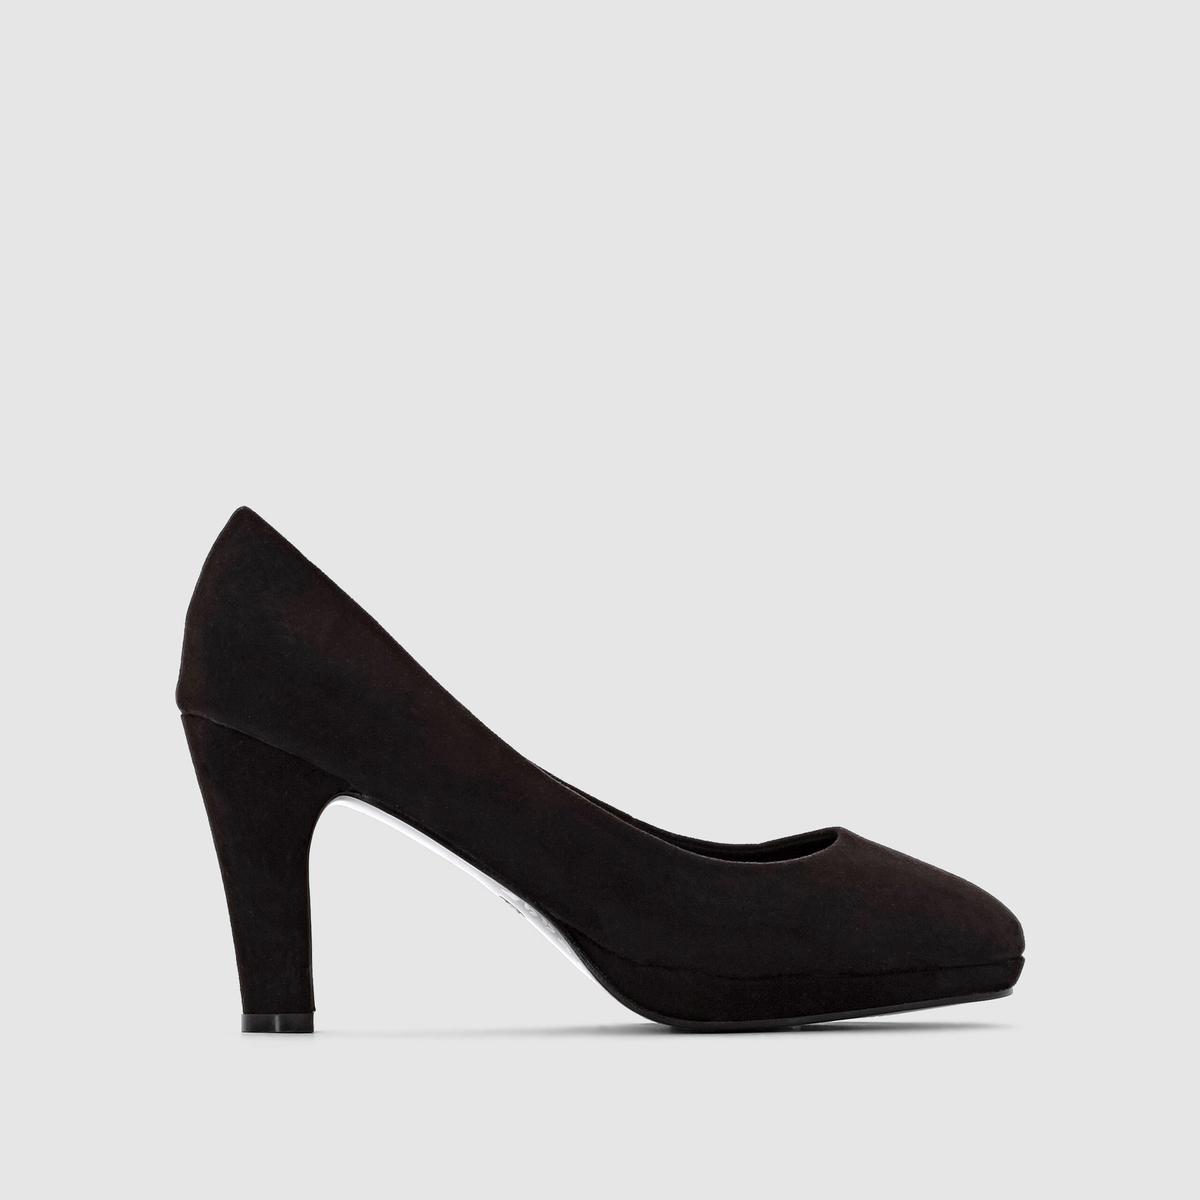 Туфли на низкой платформе и на каблуке.Туфли Taillissime, размеры 38-45 по уникальной цене! Полнота стопы: широкая.Верх: искусственная замша.Подкладка: ткань.Стелька: кожа на пористой основе. Подошва: нескользящий эластомер.Высота каблука: 8,5 см.Преимущества: комфортная платформа под подушечкой стопы,1,5 см и устойчивый каблук, 8,5 см.РАЗМЕР: Советуем заказывать данную модель на размер больше. вашего обычного размера.<br><br>Цвет: синий индиго,черный<br>Размер: 41.40.41